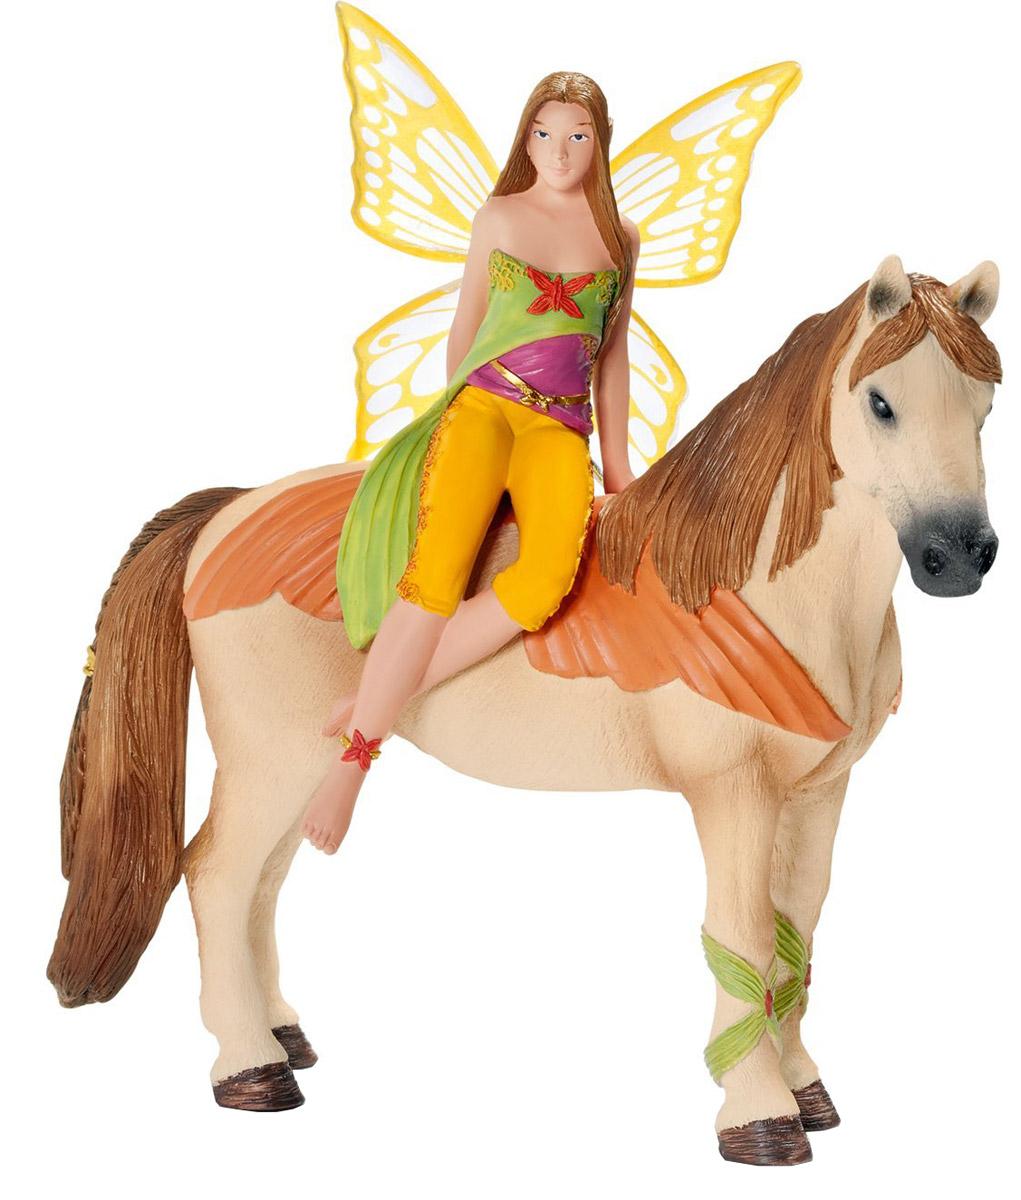 Schleich Фигурка Эльфийка Саньила на лошади70467Фигурка Schleich Эльфийка Саньила входит в удивительно яркую и красивую серию Эльфы. Сказочные персонажи увлекут надолго ребенка в удивительный мир волшебства и помогут познакомиться ближе с окружающим миром, развить творческое мышление, мелкую моторику ручек.